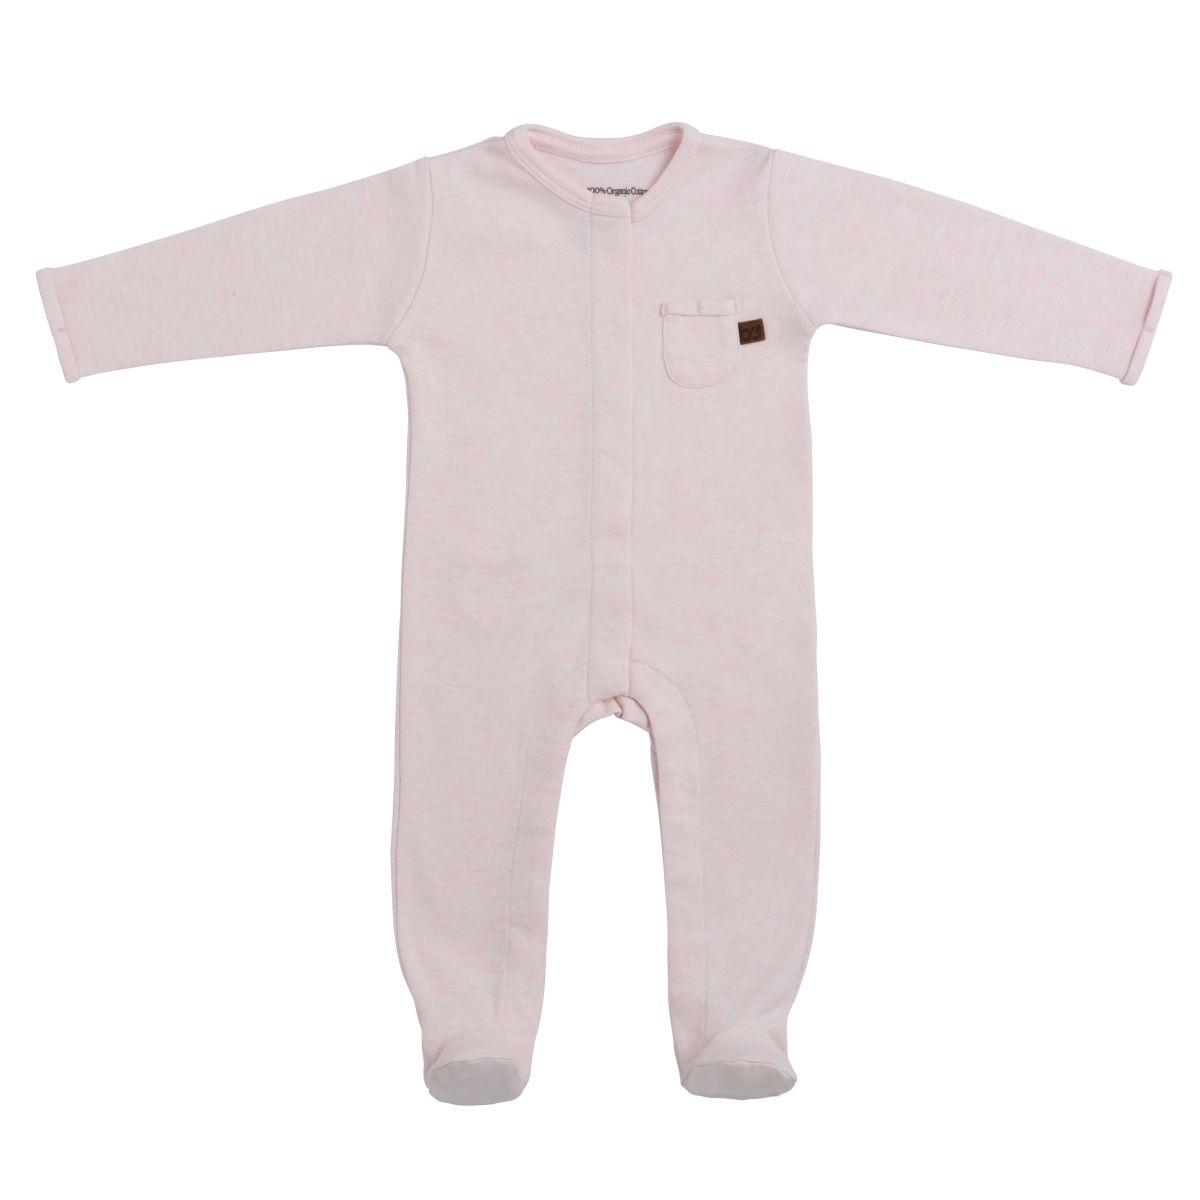 babys only 3546801 boxpakje met voetjes melange 68 classic roze 1